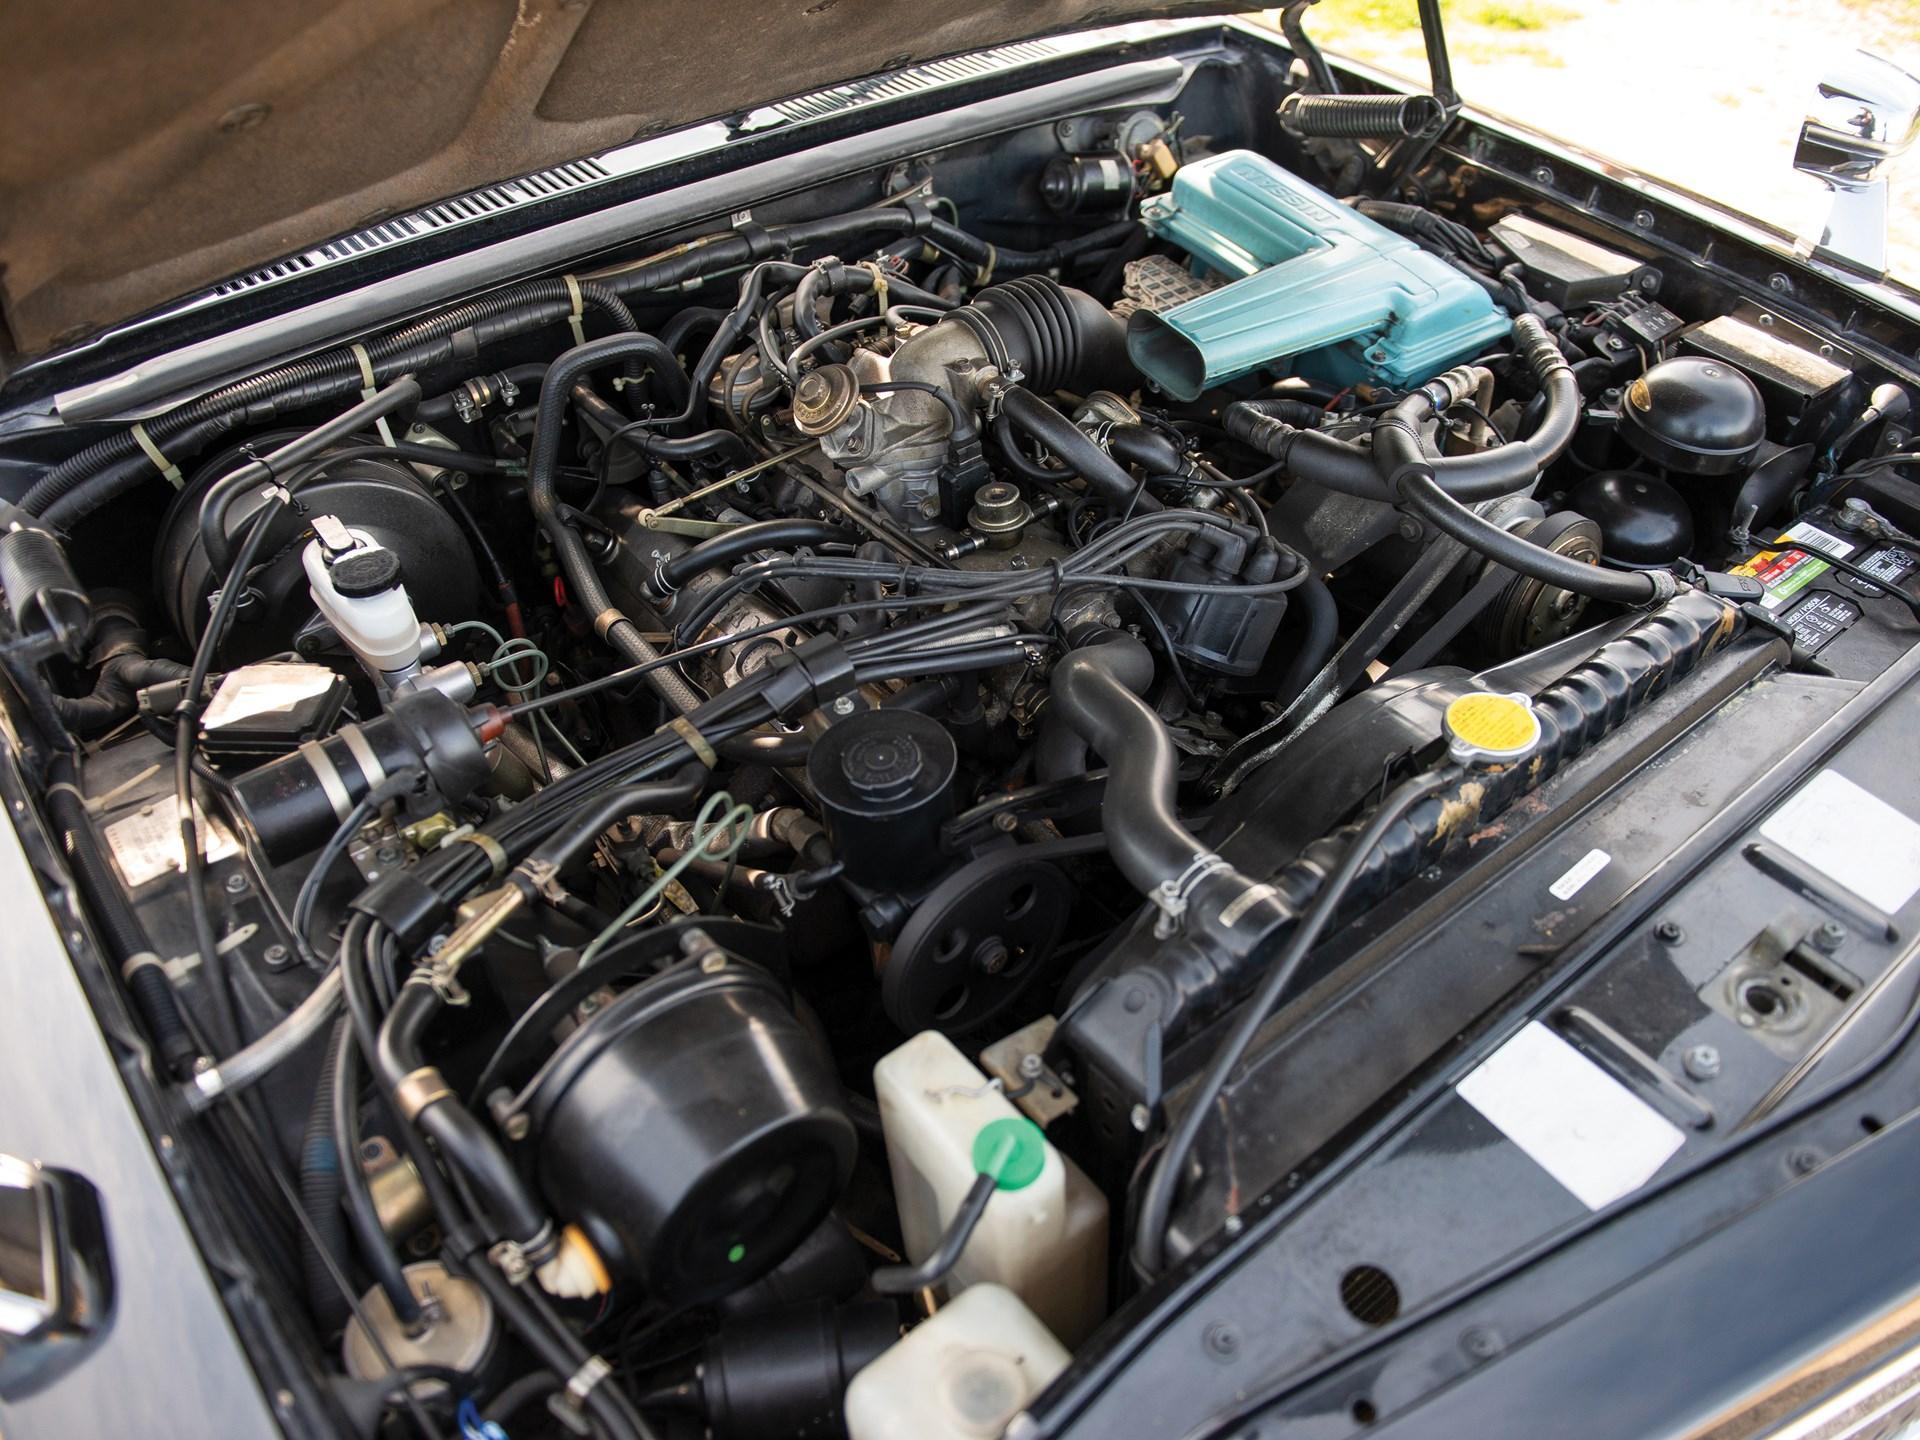 1987 Nissan President Sovereign V8E VIP engine